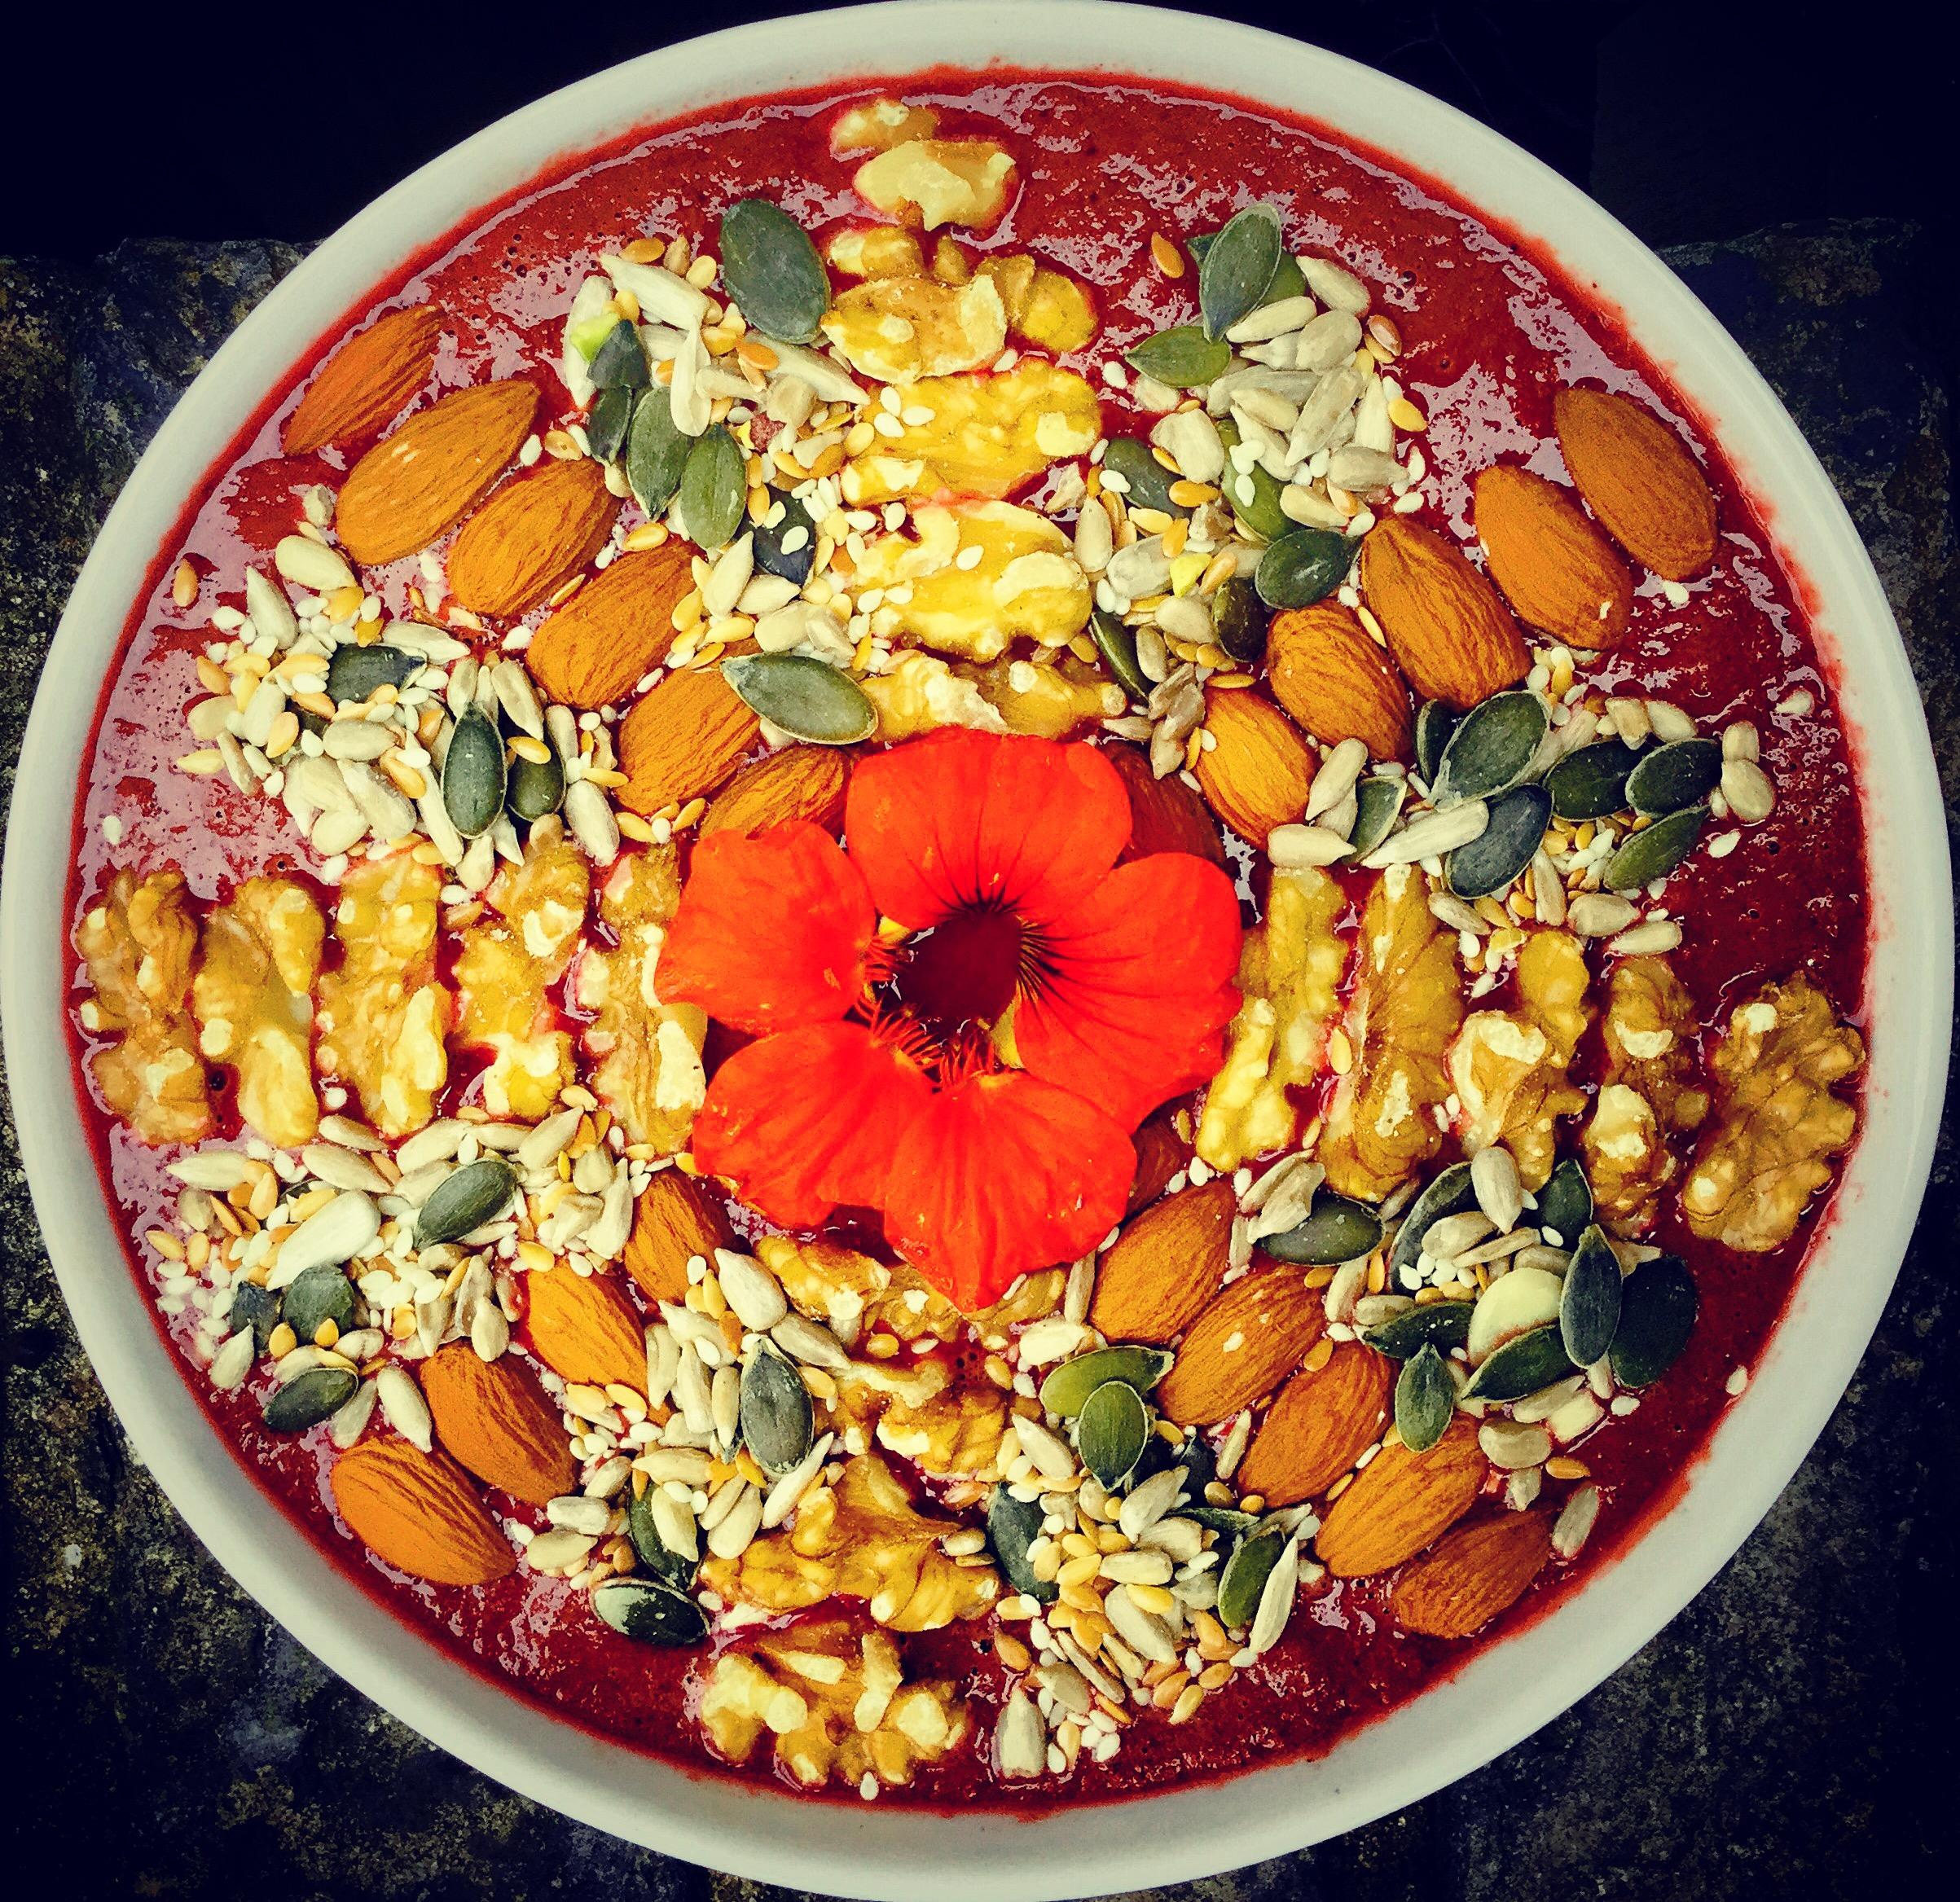 nutritious healthy autumn smoothie bowl